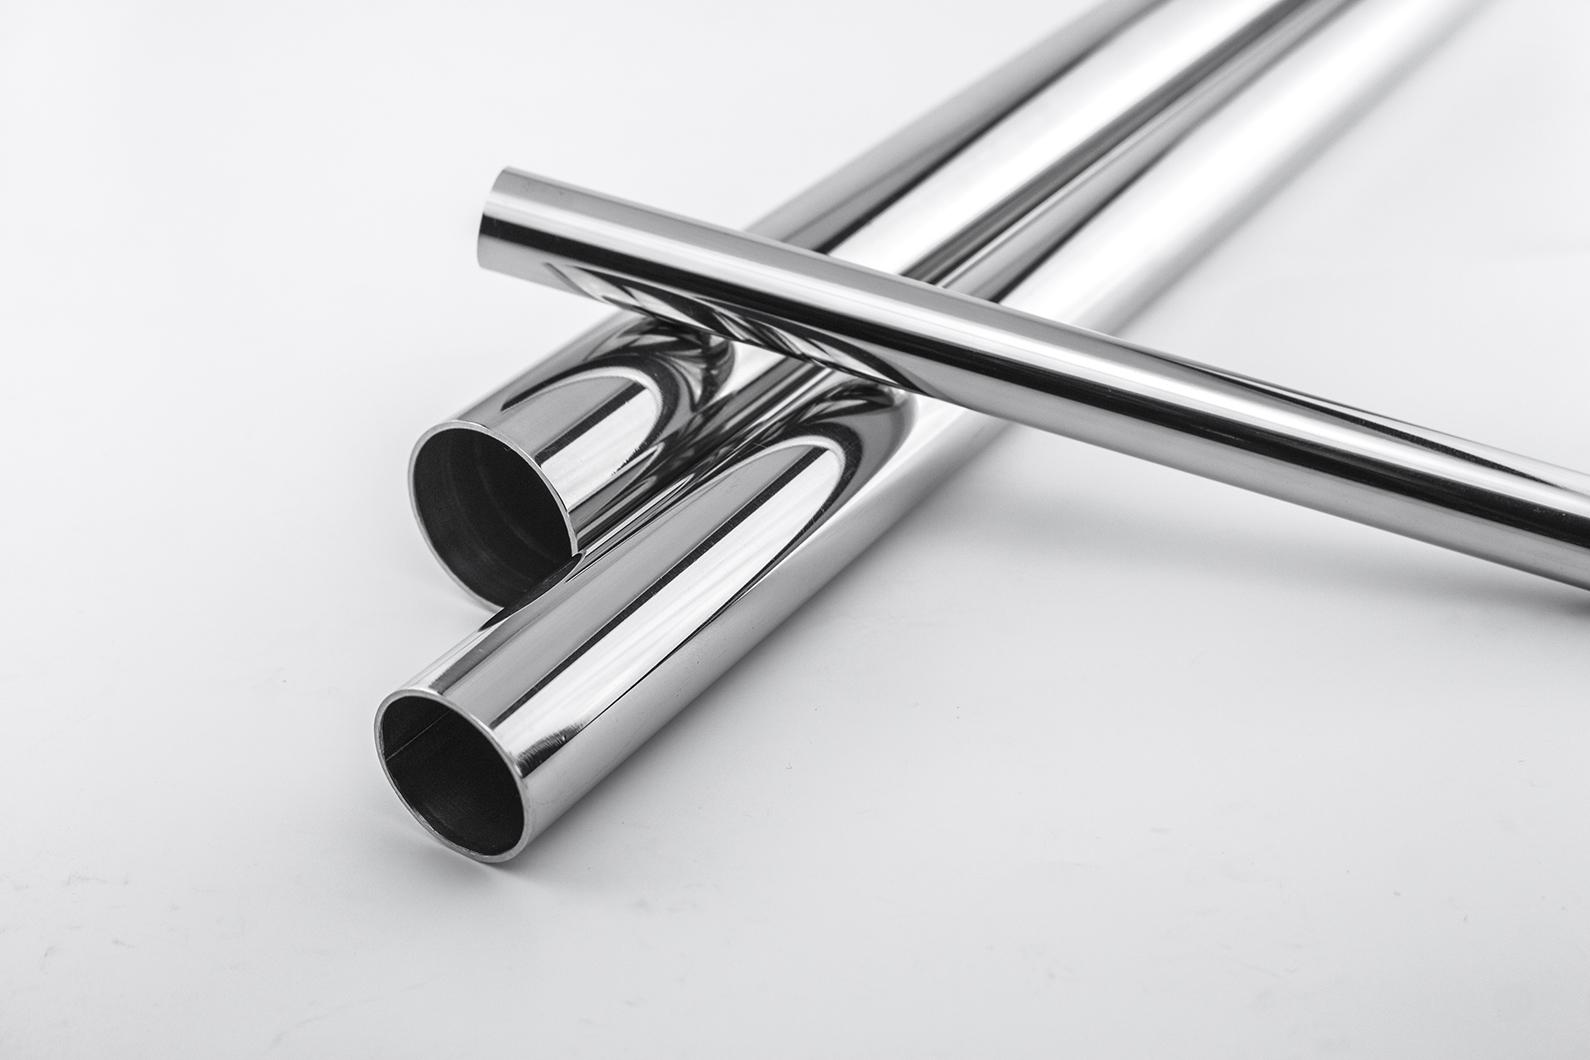 不銹鋼竟然也生銹?難道是產品質量有問題?